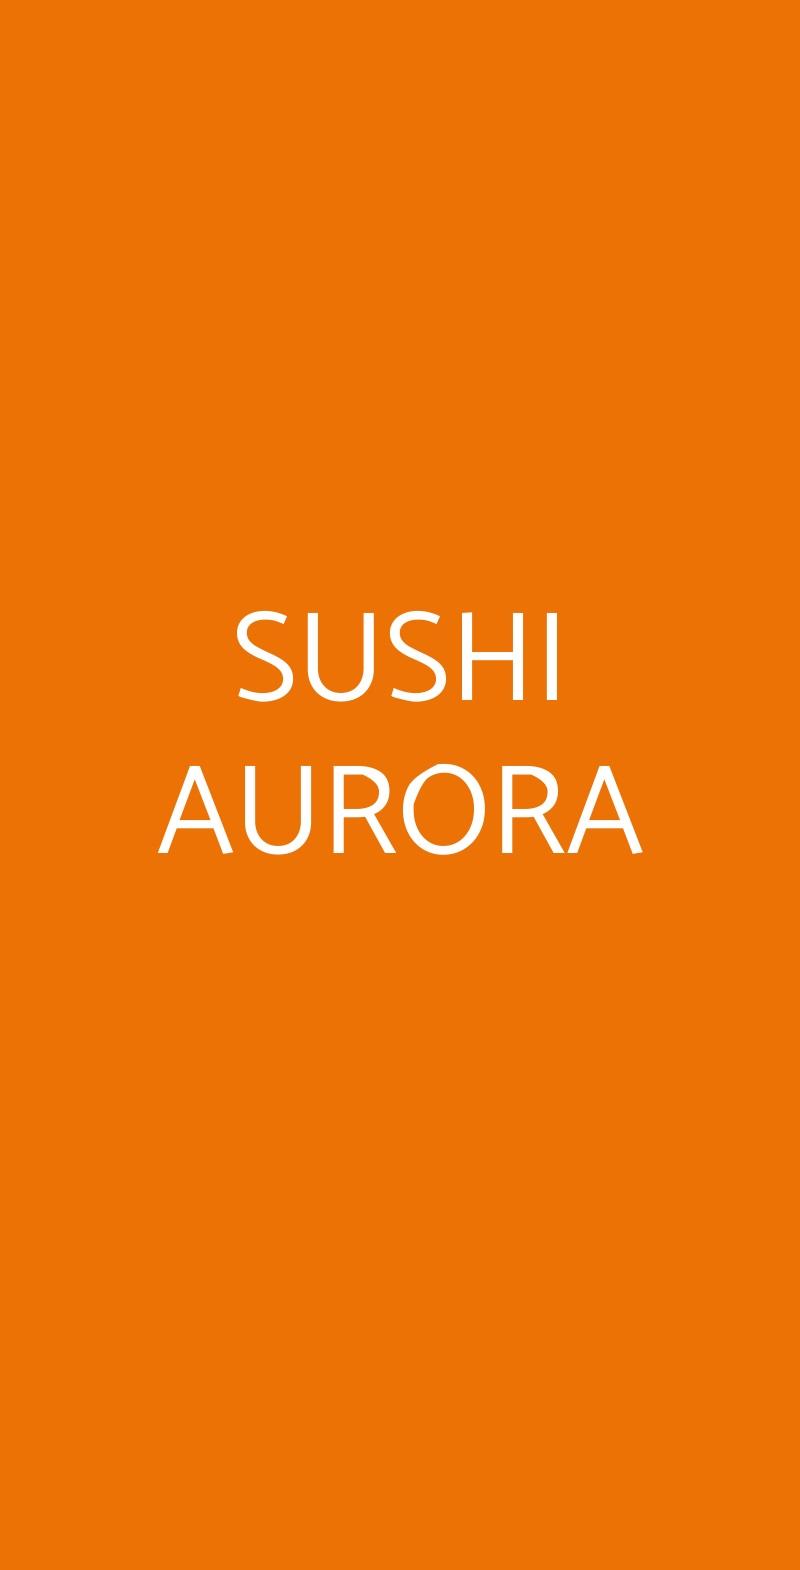 SUSHI AURORA Firenze menù 1 pagina